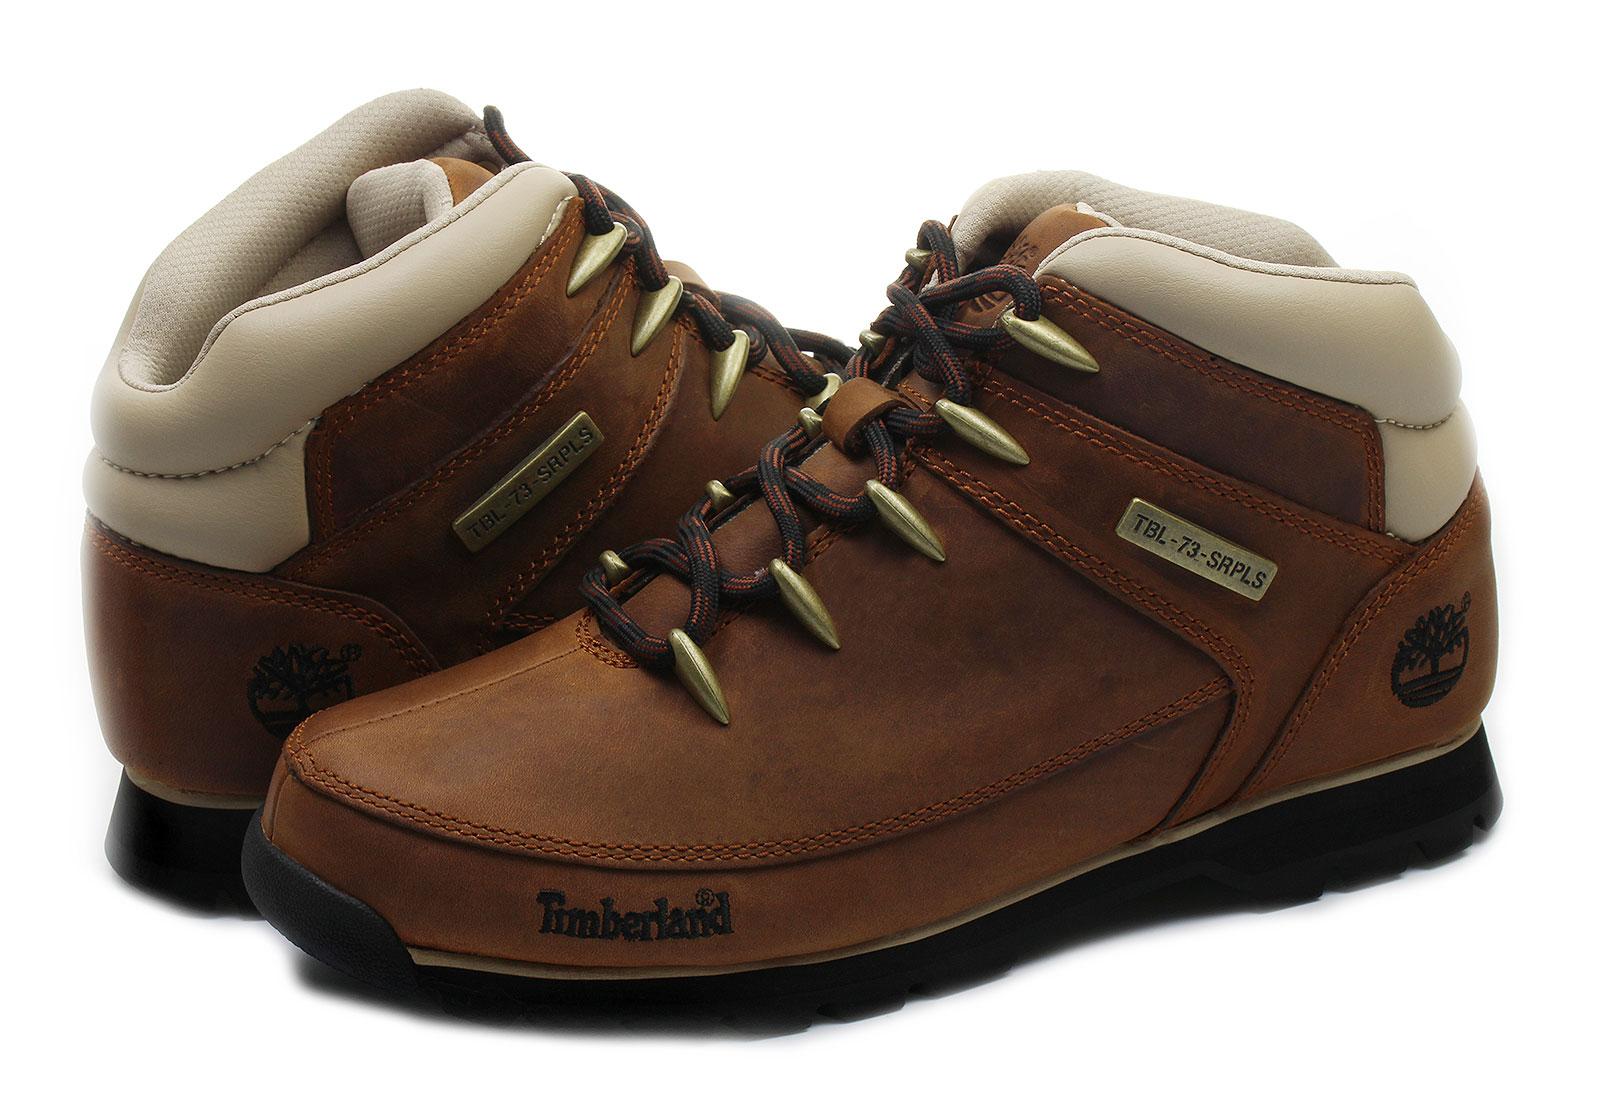 Timberland Boots Euro Sprint Hiker A121k Brn Online